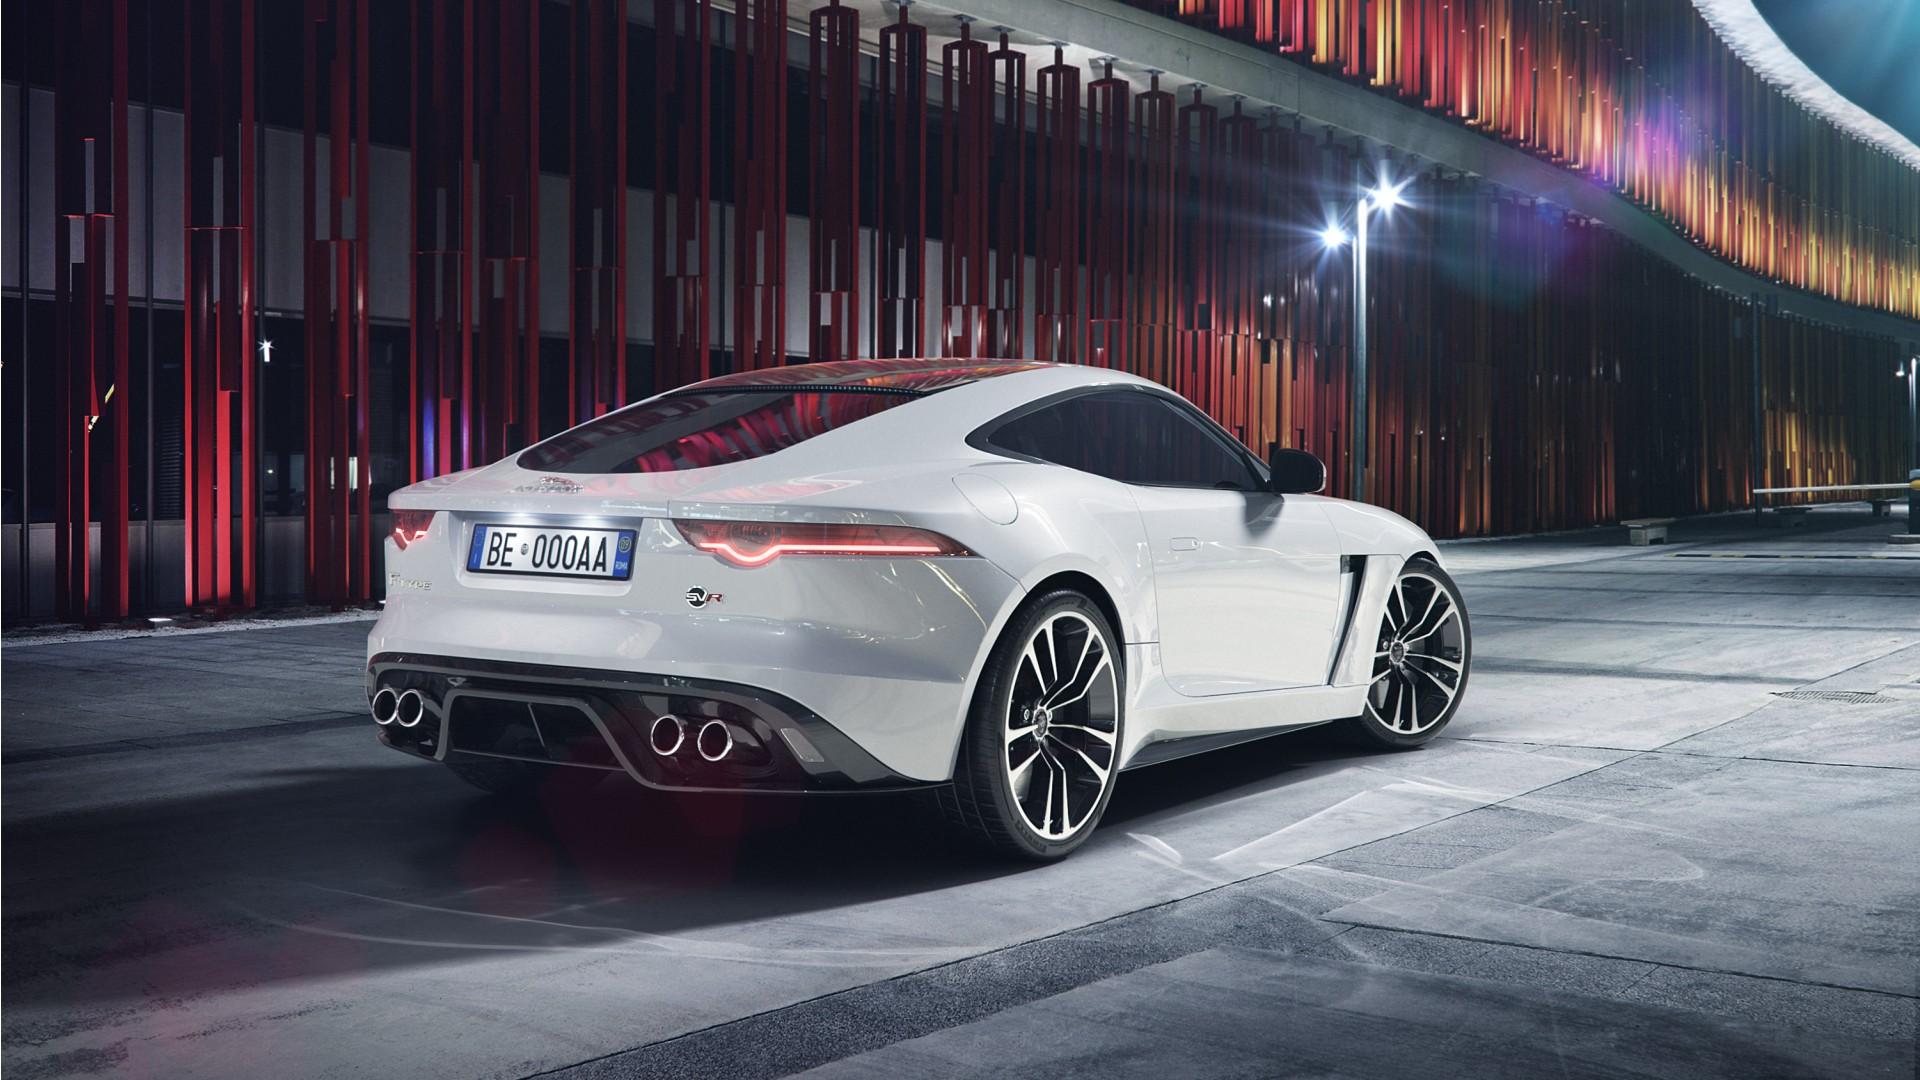 White Jaguar Car Wallpaper Hd 2018 Jaguar F Type Svr Coupe Wallpaper Hd Car Wallpapers